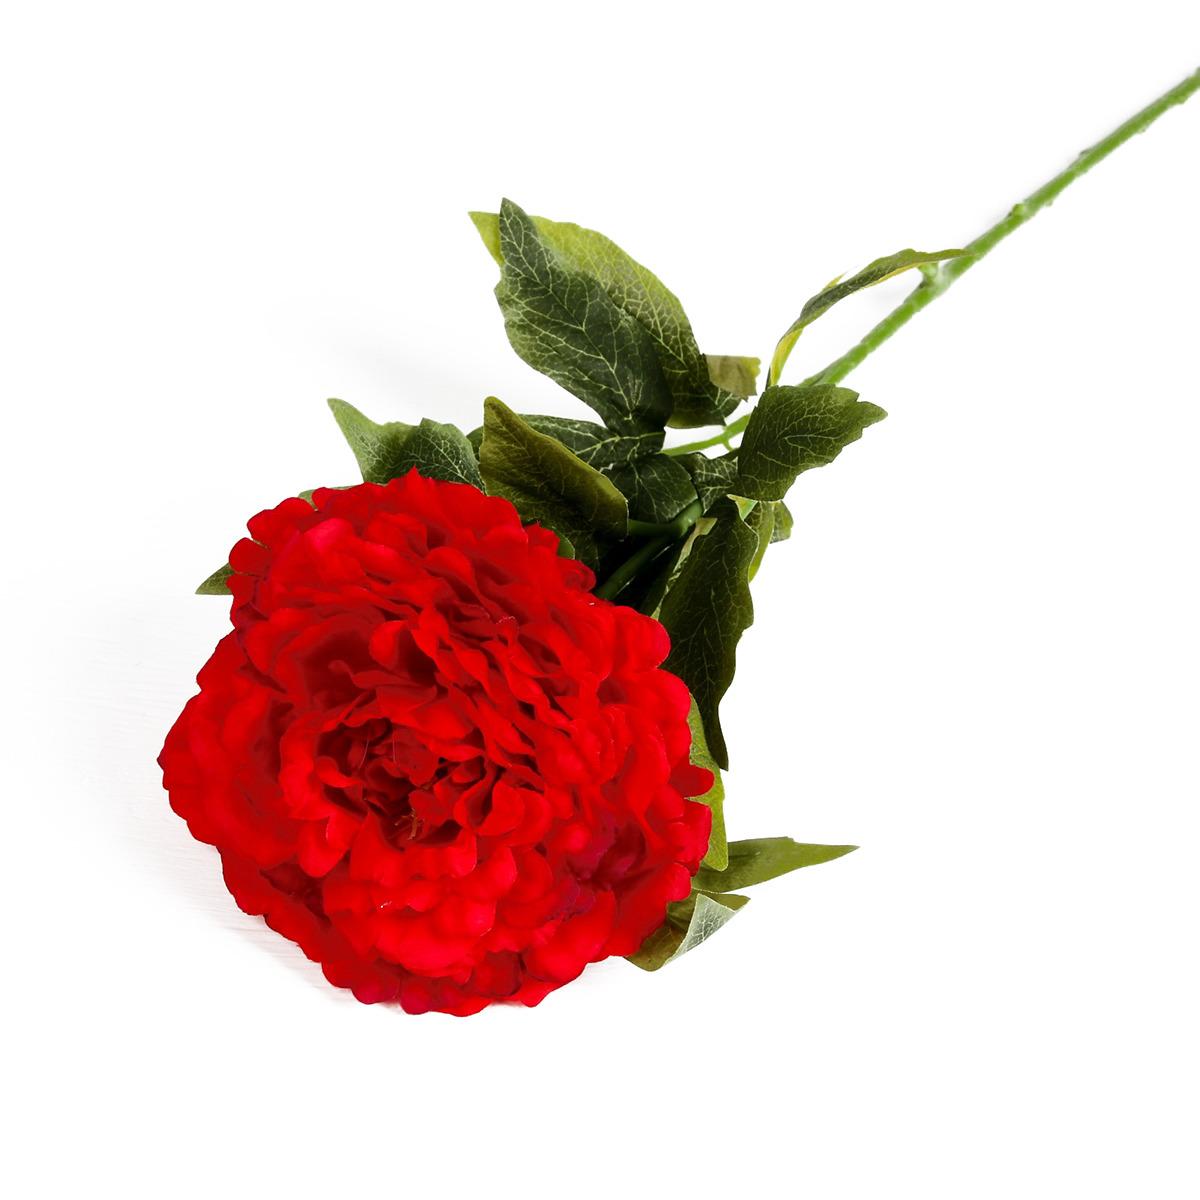 Искусственные цветы Пышный пион, 3004623, красный, 70 см